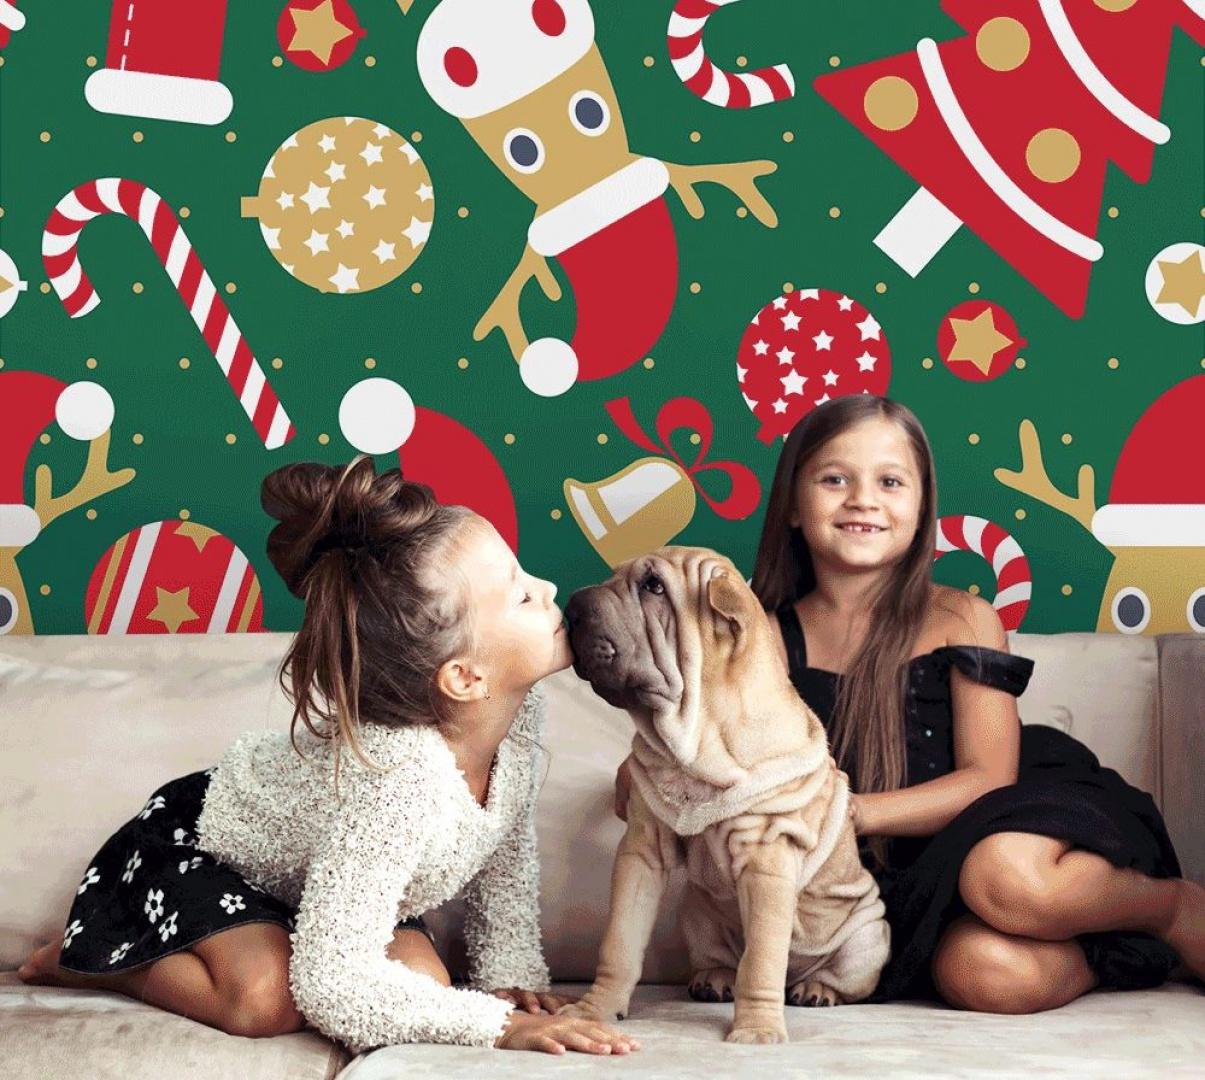 Fototapeta z motywem świątecznym. Fot. Pixers